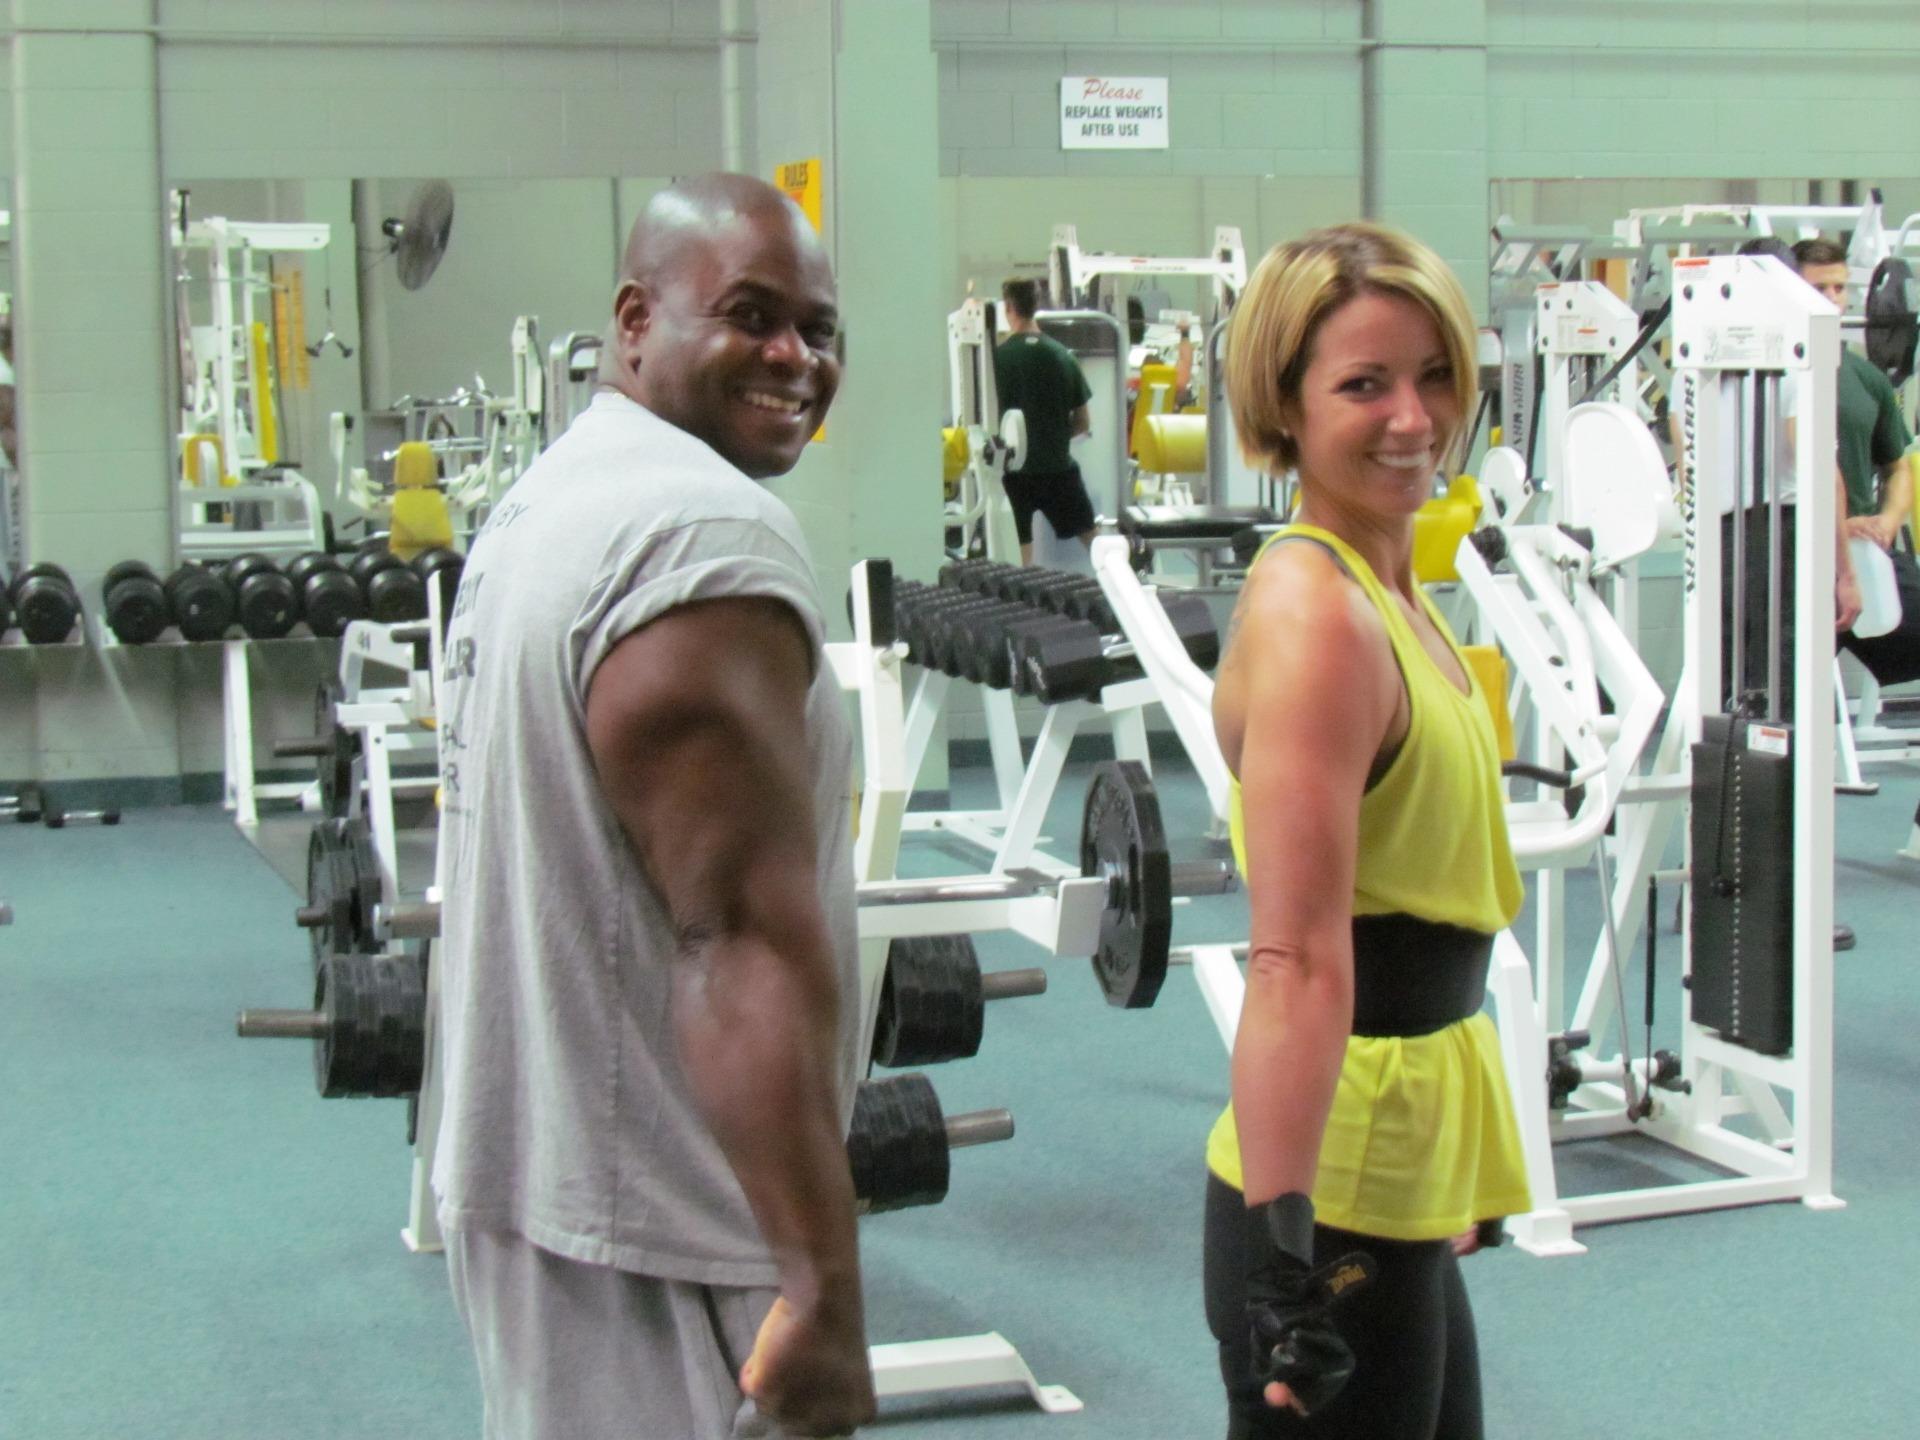 Ottawa Sun Classifieds Services Personal Trainer In Ottawa